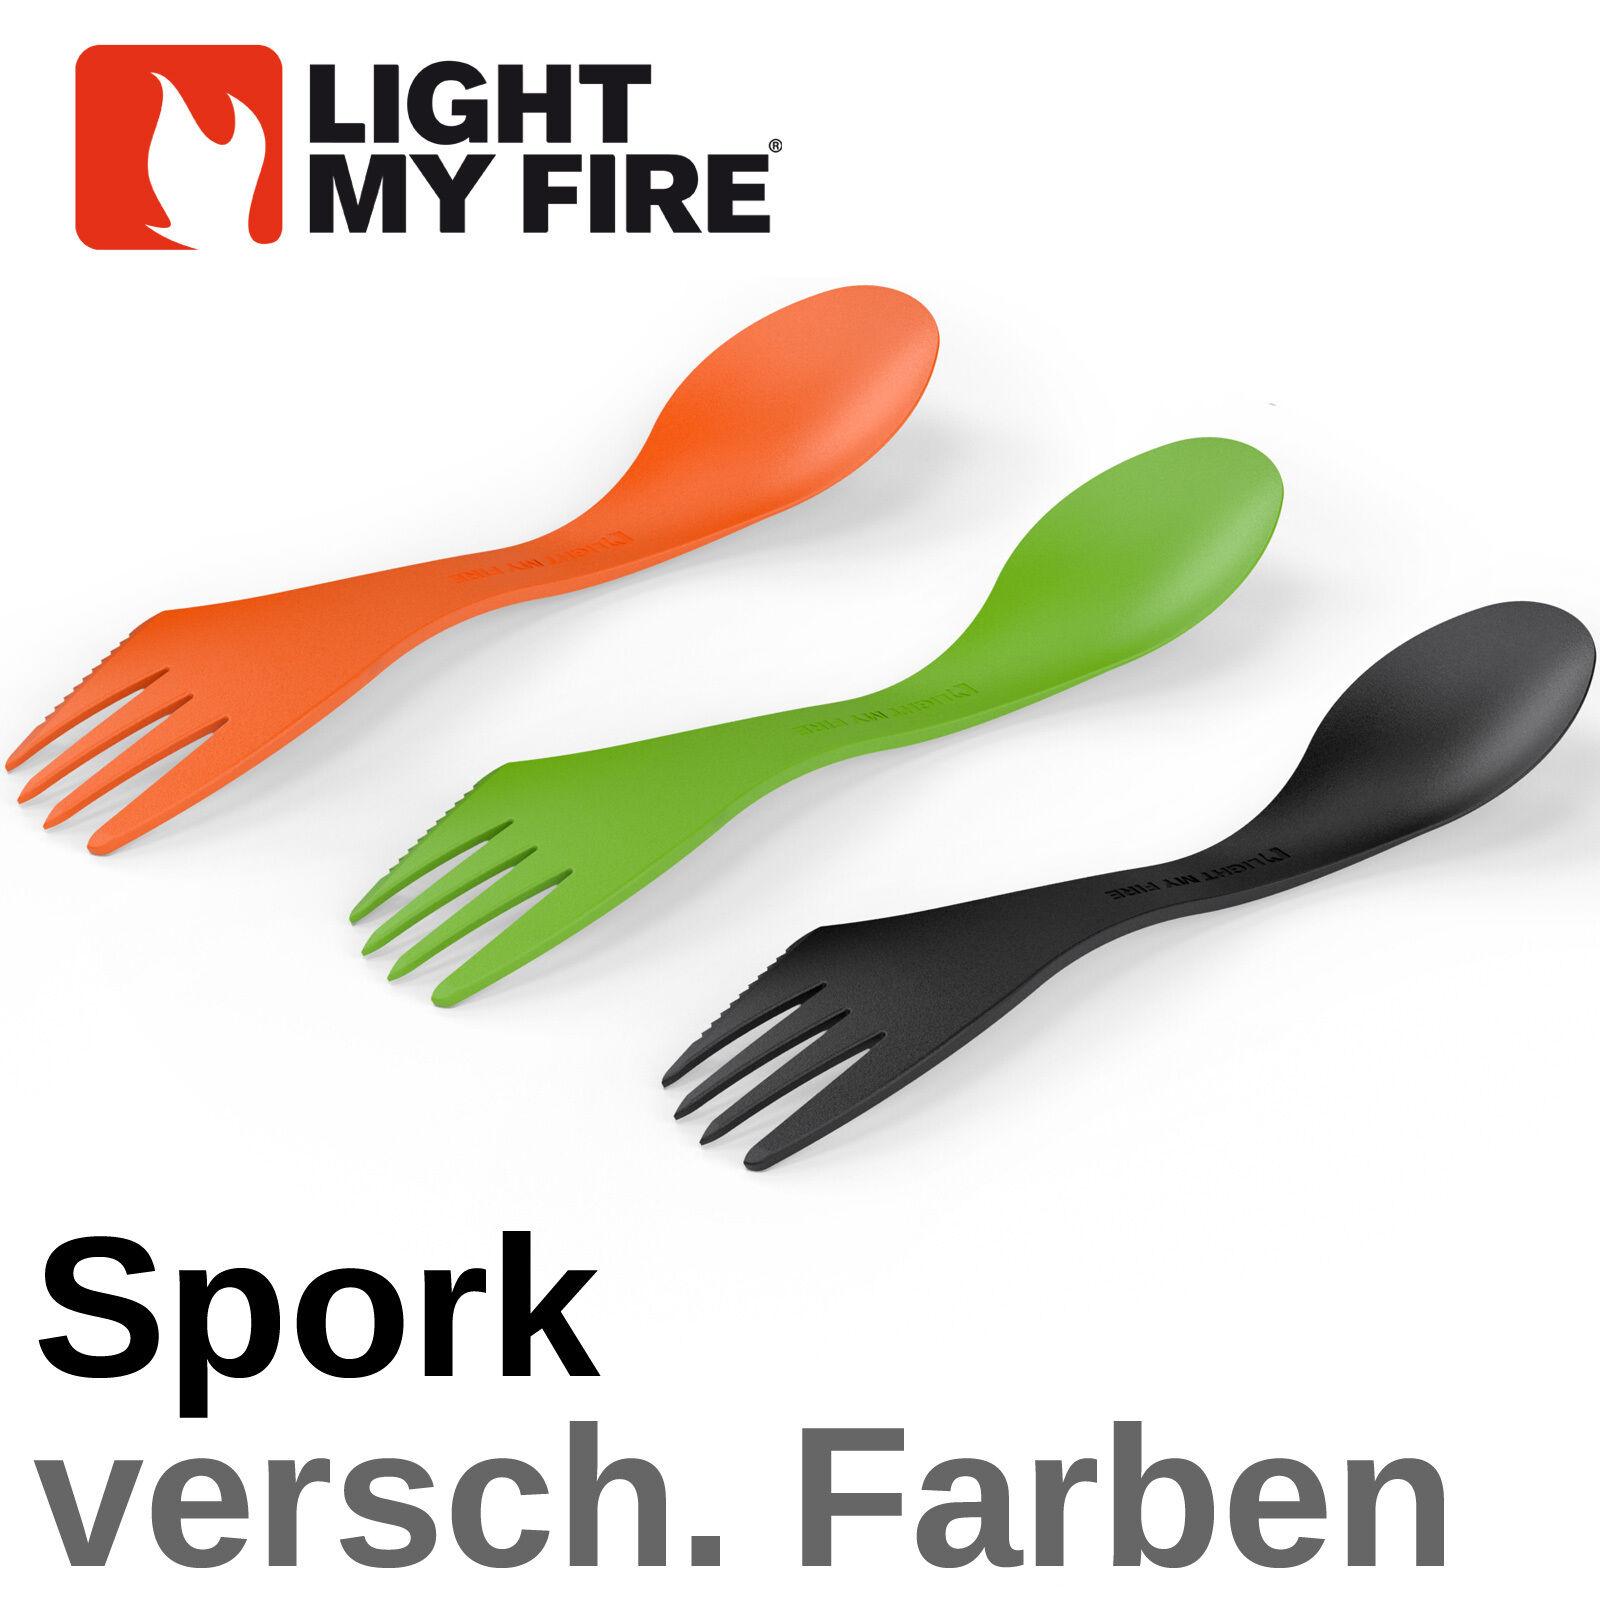 Light My Fire Spork - Couleur de Choix Votre Choix de - Göffel Fourche Couteau Cuillère - fba3c7